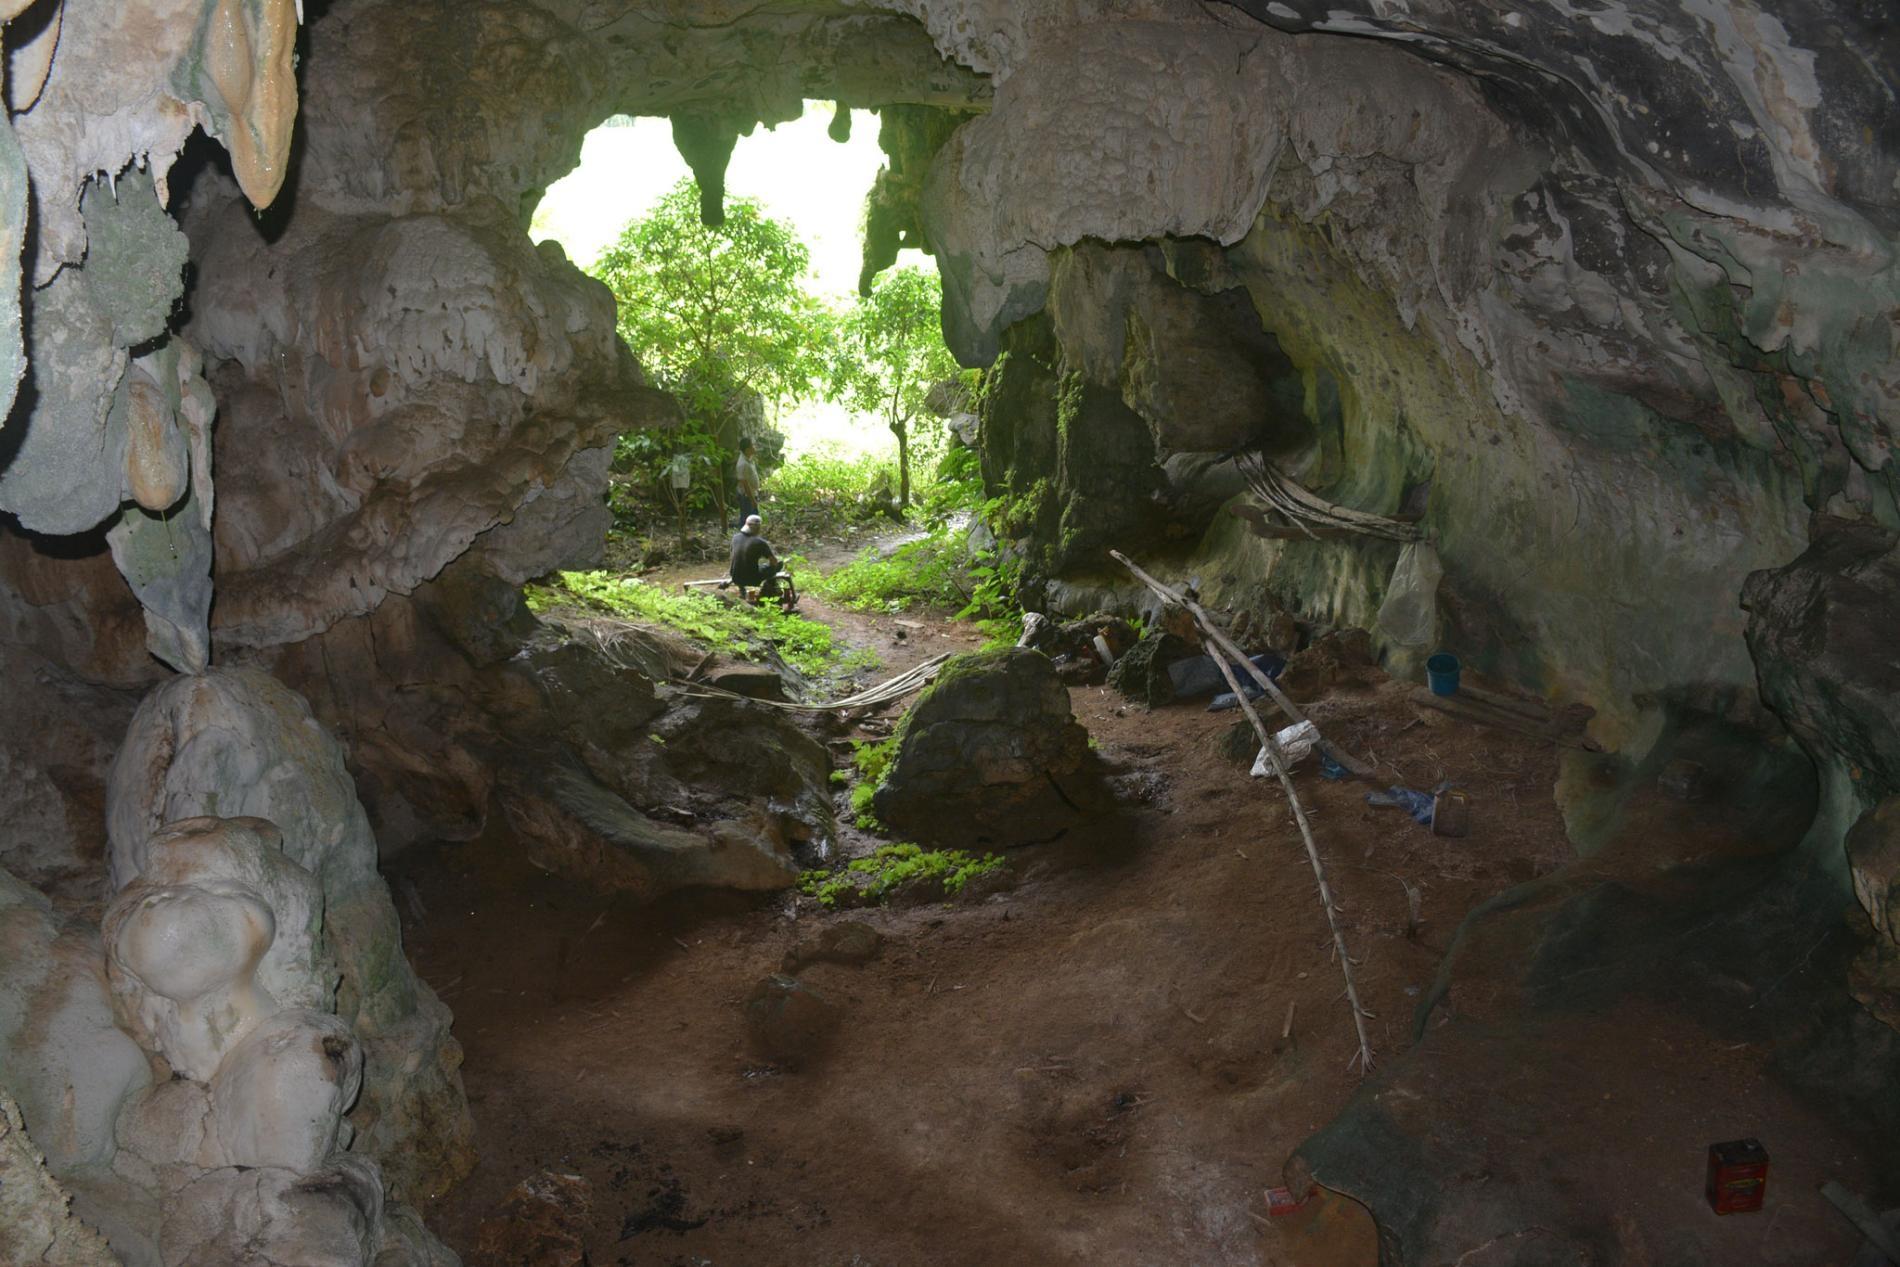 科學家在洞穴的後方牆面離地很高的位置發現這幅藝術品。AA OKTAVIANA